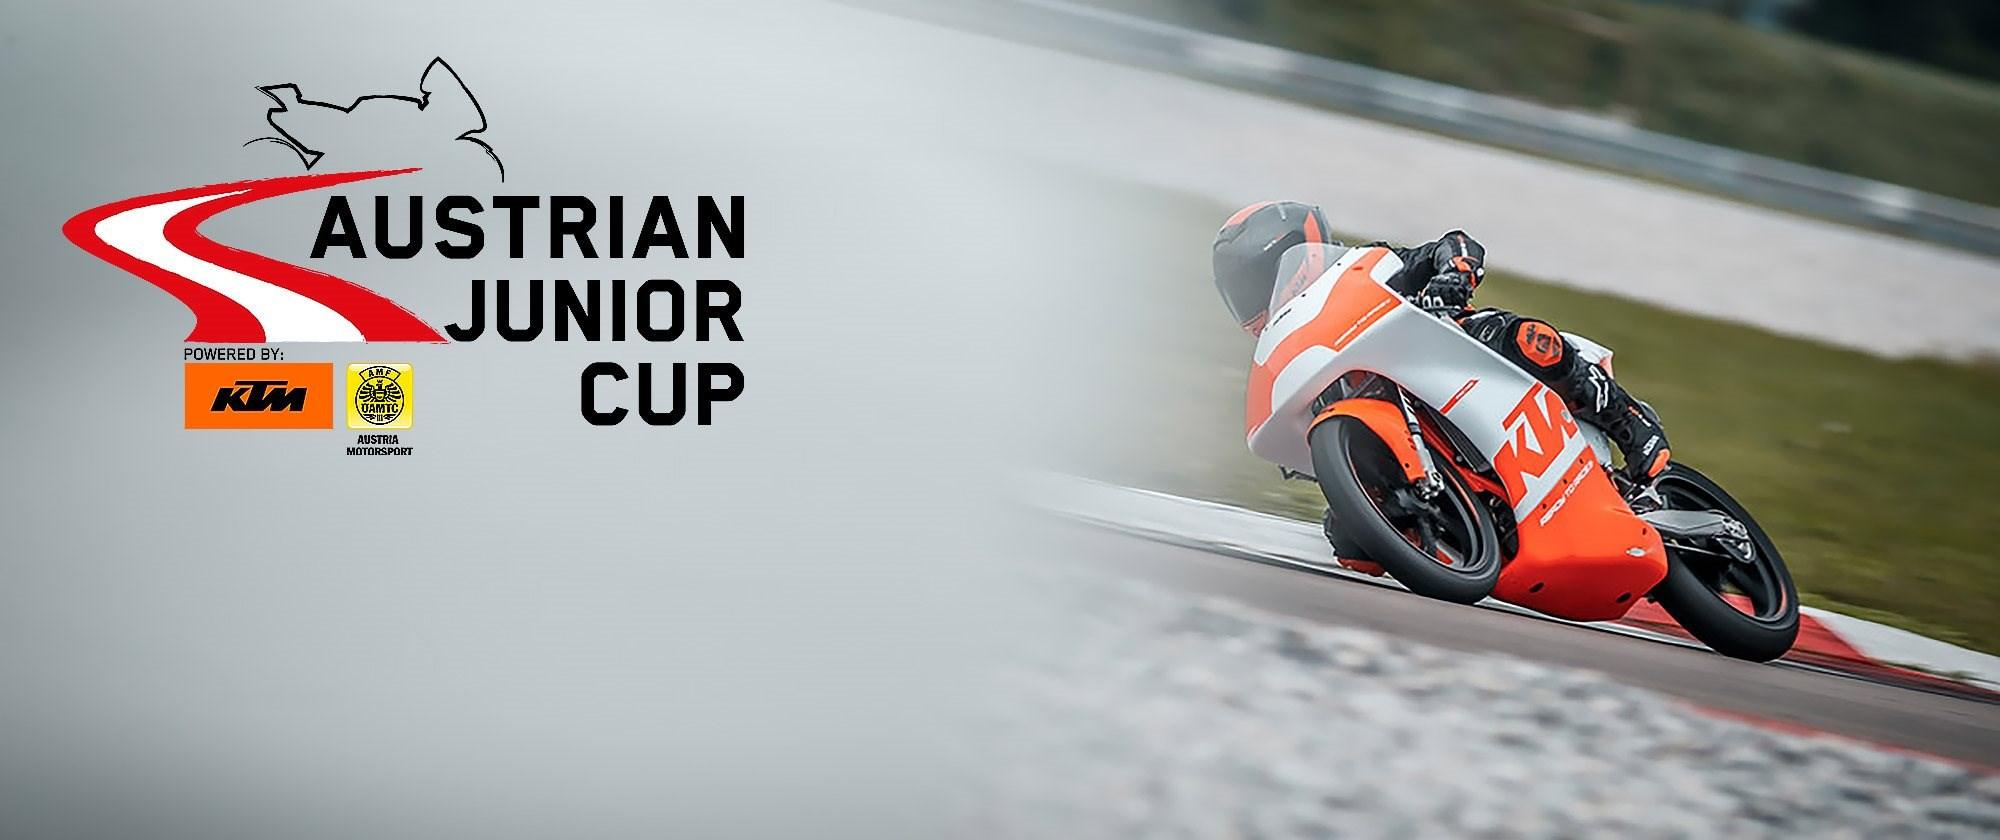 <h1>Bist du Österreichs MotoGP Held der Zukunft? <br /> <h2>Schreib uns jetzt schon dein Interesse an ajc@bg-sportpromotion.com</h2>